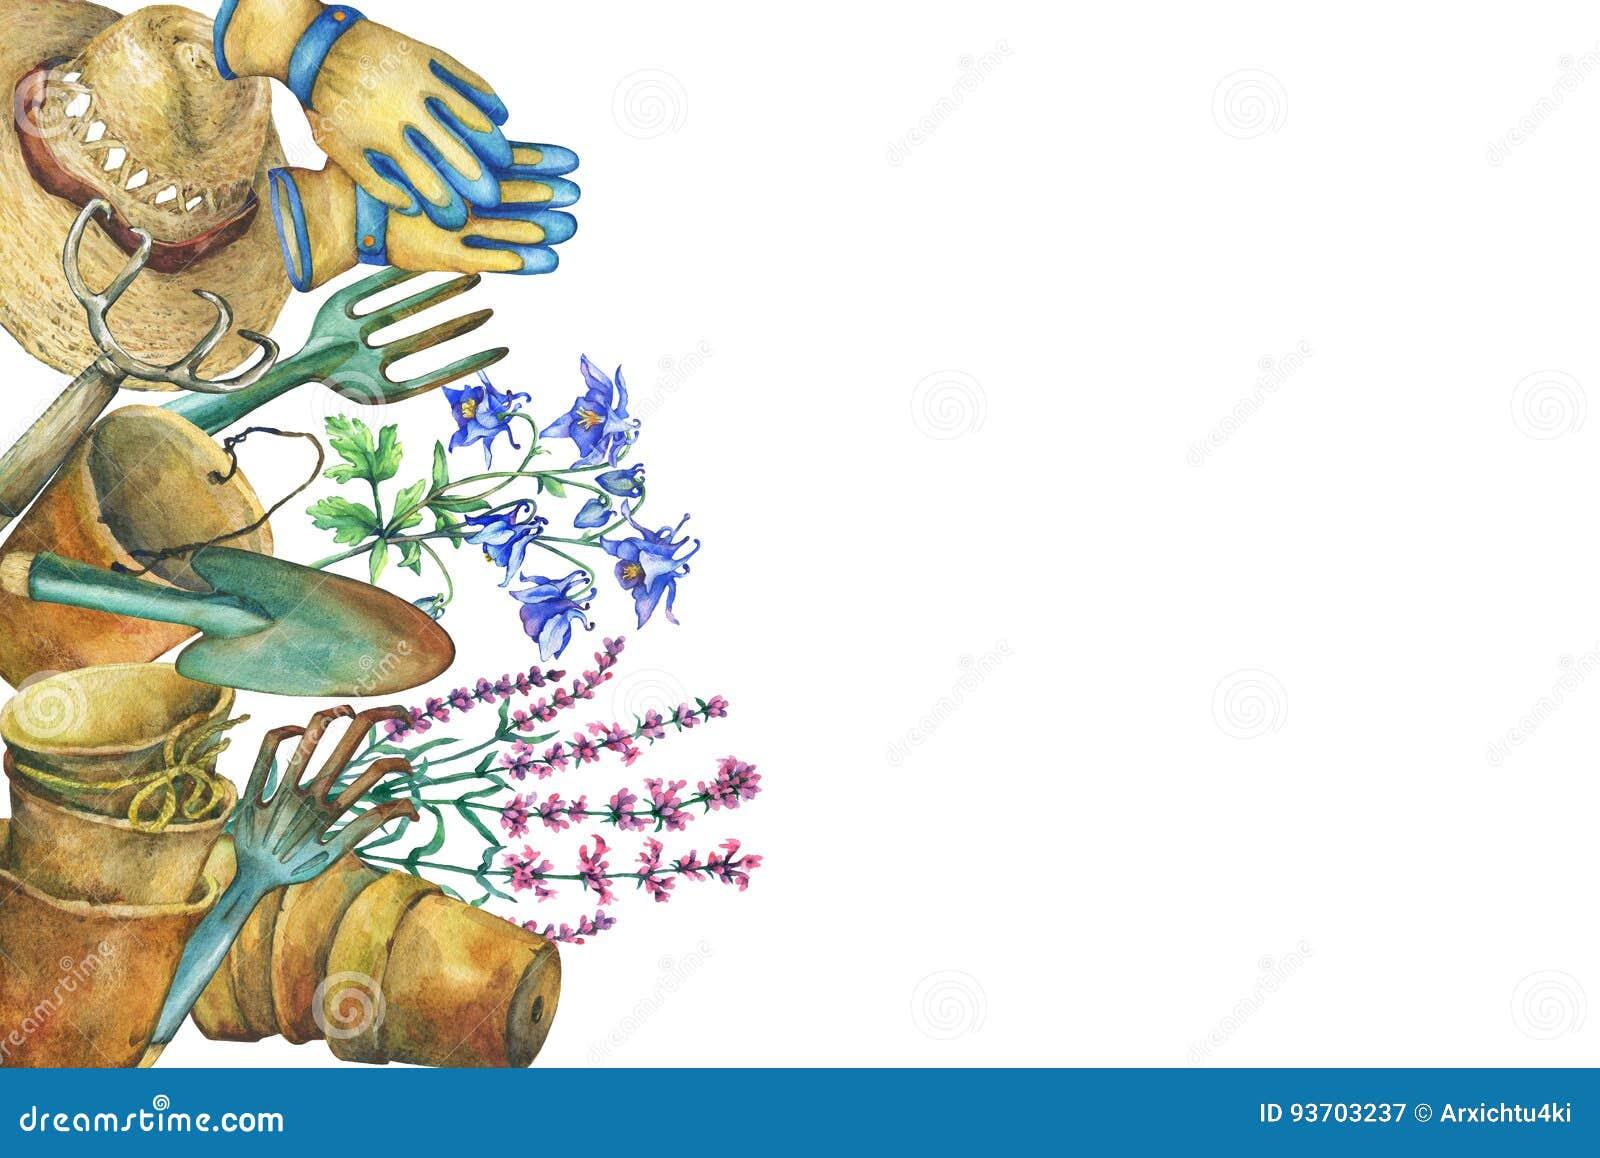 Frontière Avec Les Outils De Jardinage Le Chapeau Solaire Les